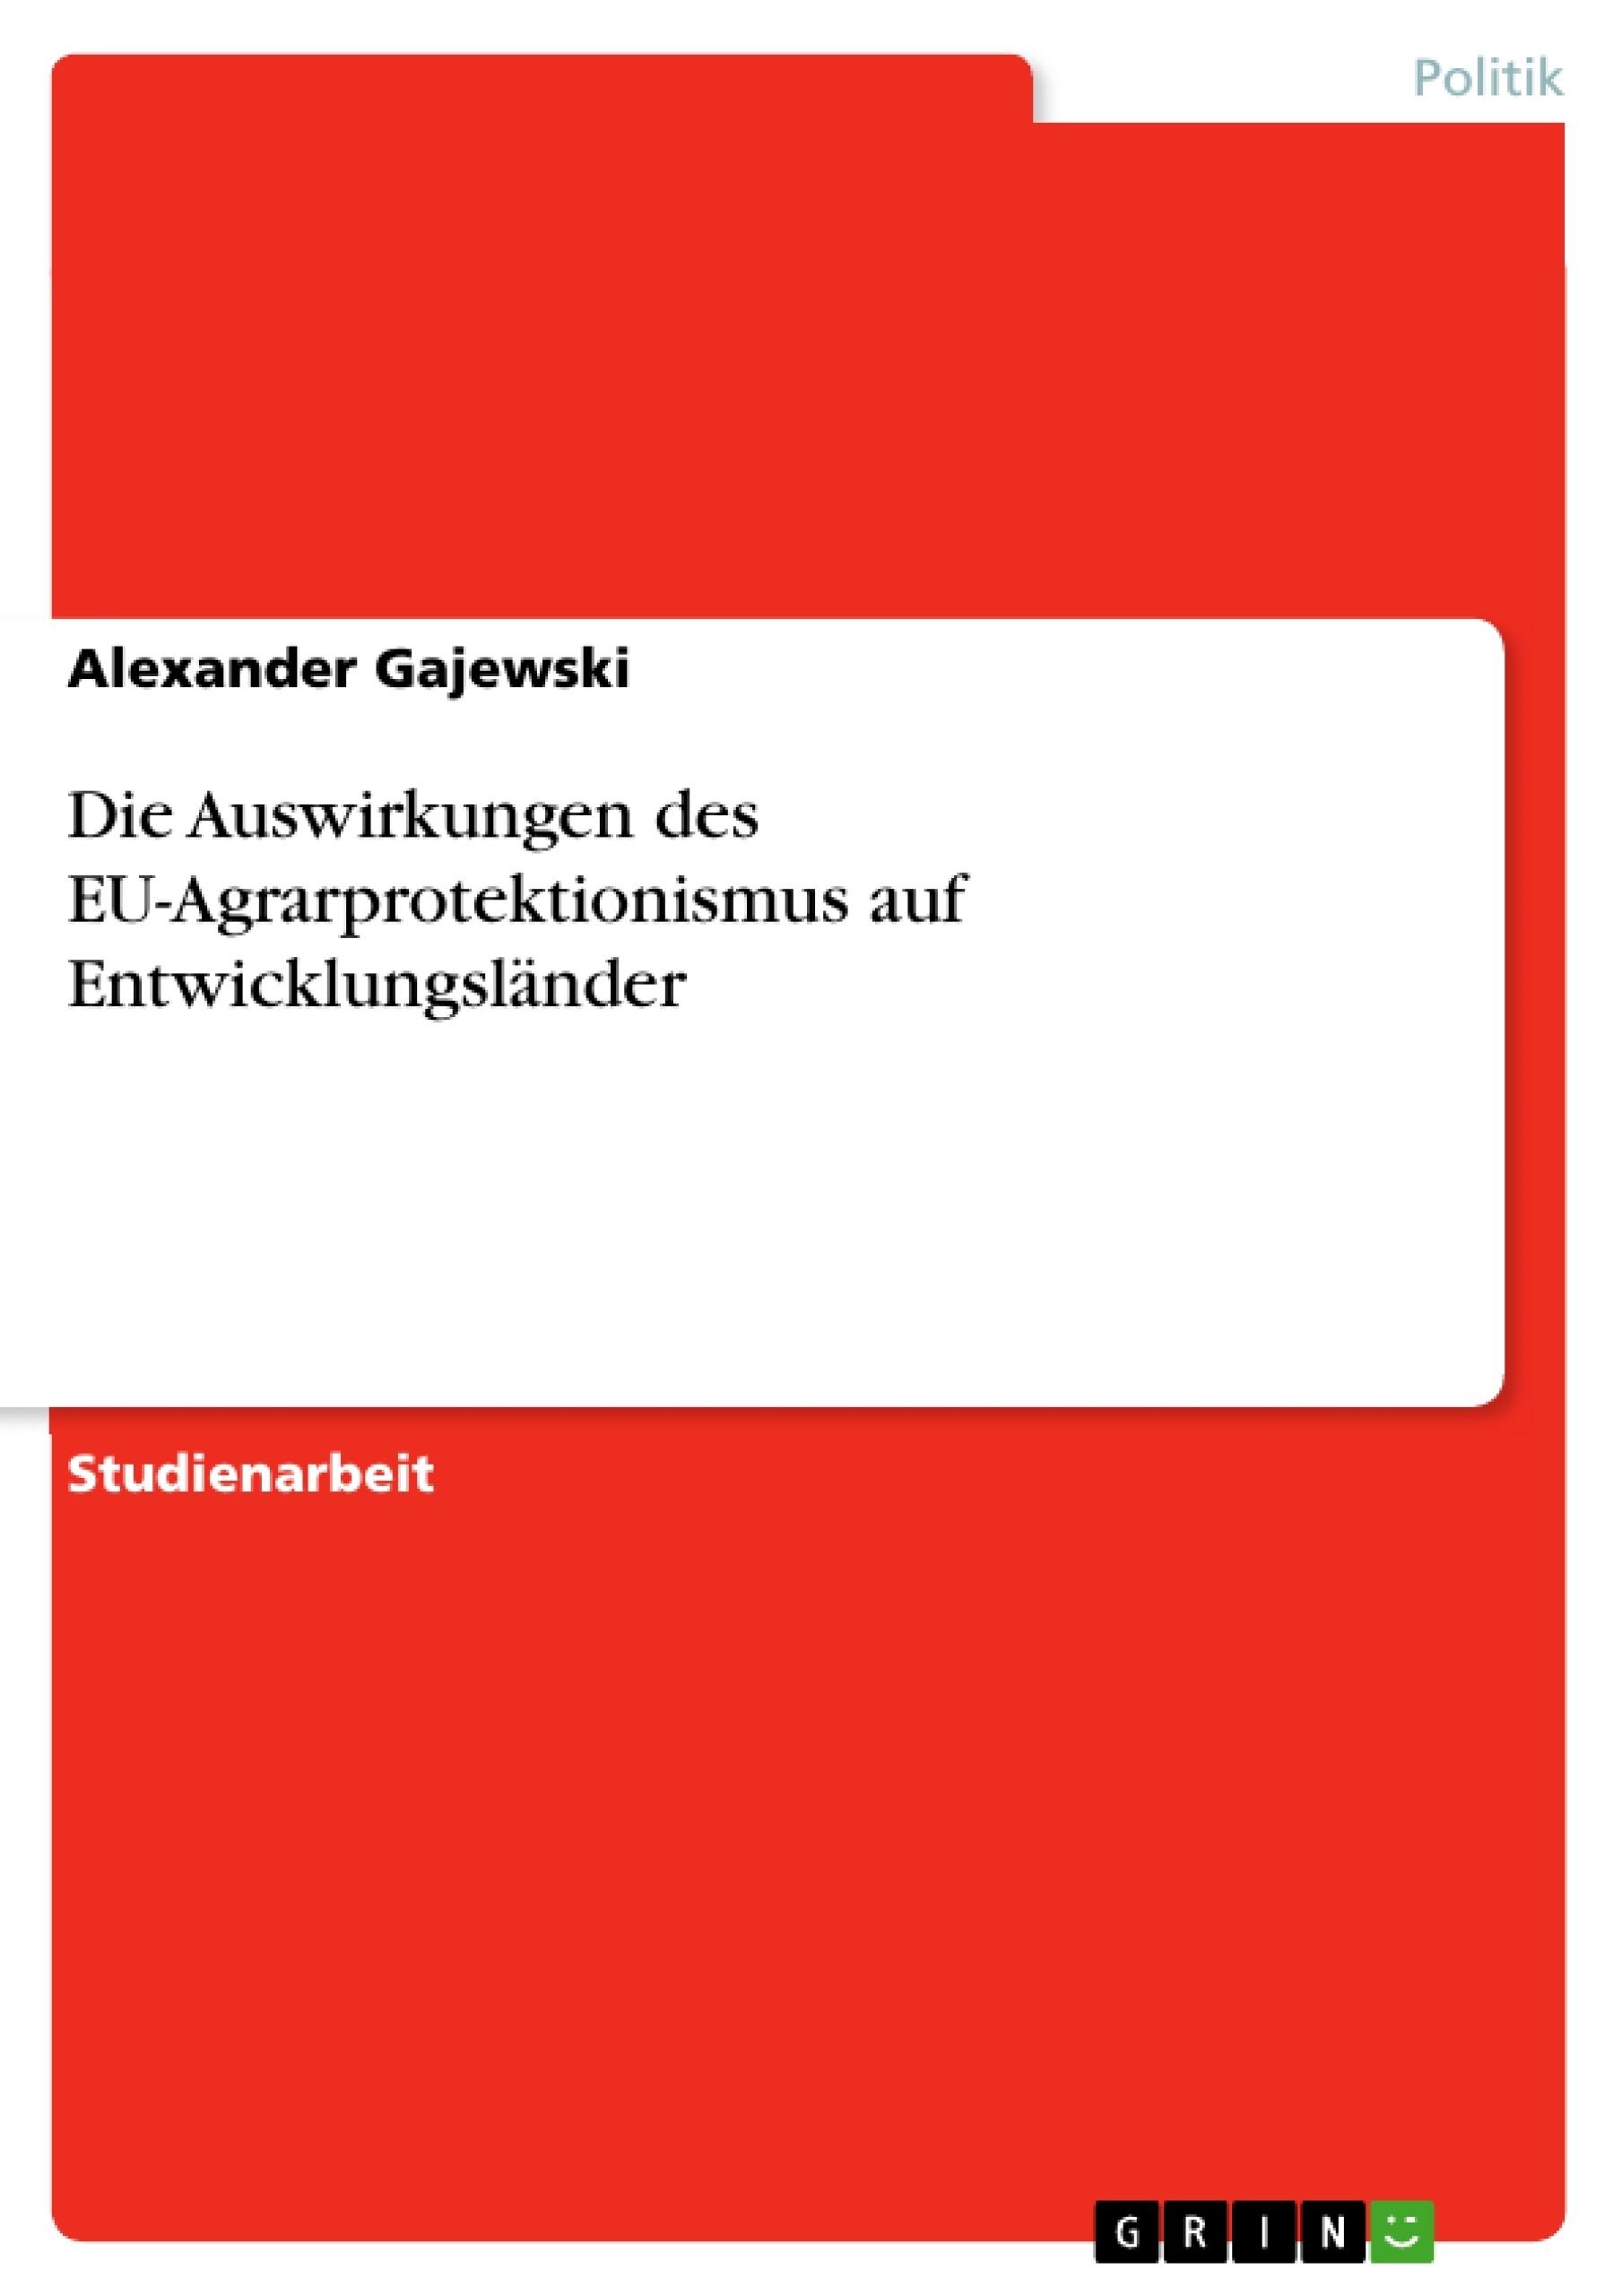 Titel: Die Auswirkungen des EU-Agrarprotektionismus auf Entwicklungsländer